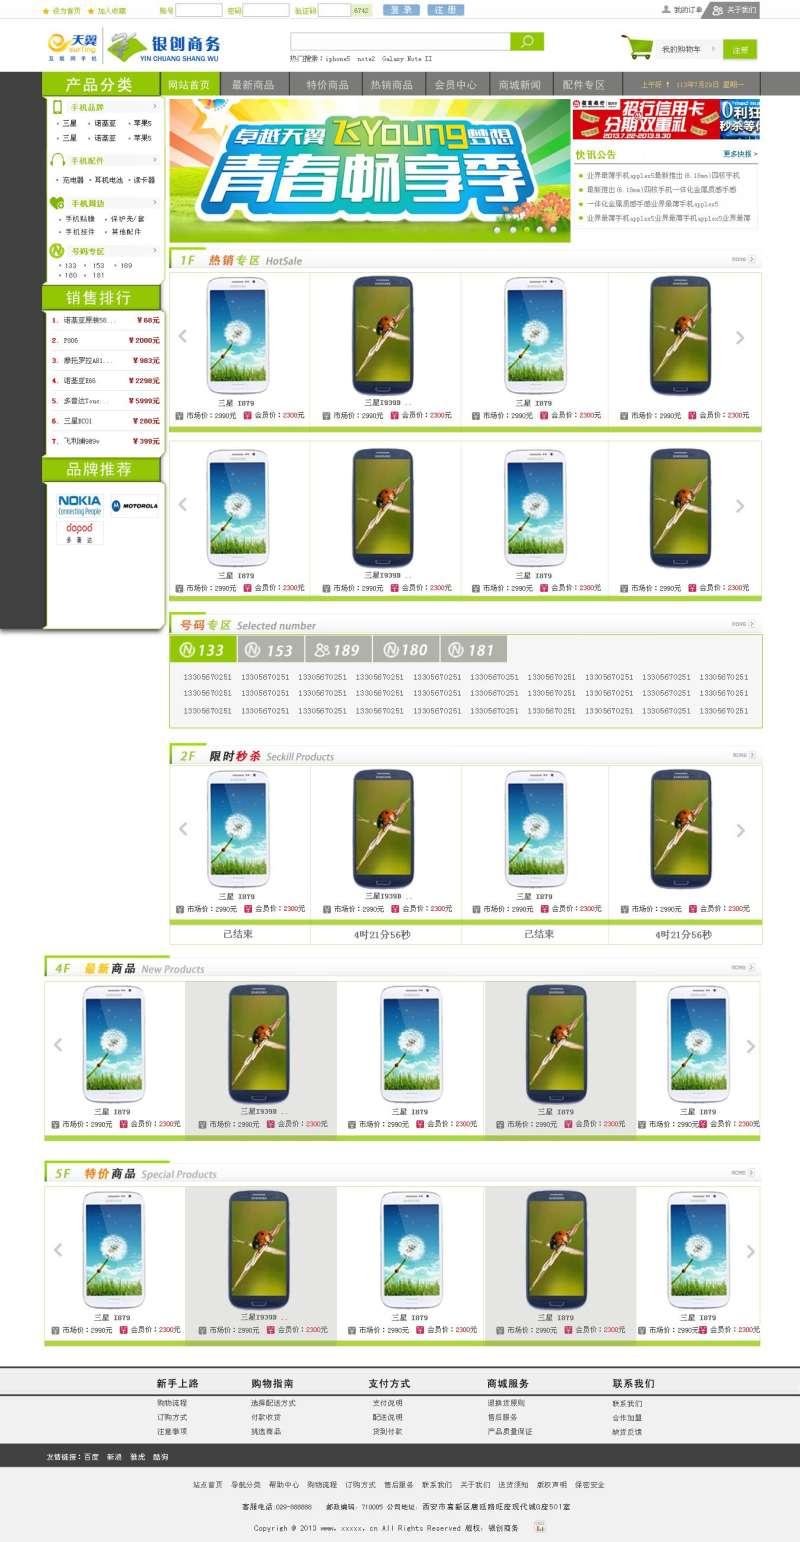 网上购物手机商城网站模板psd素材下载